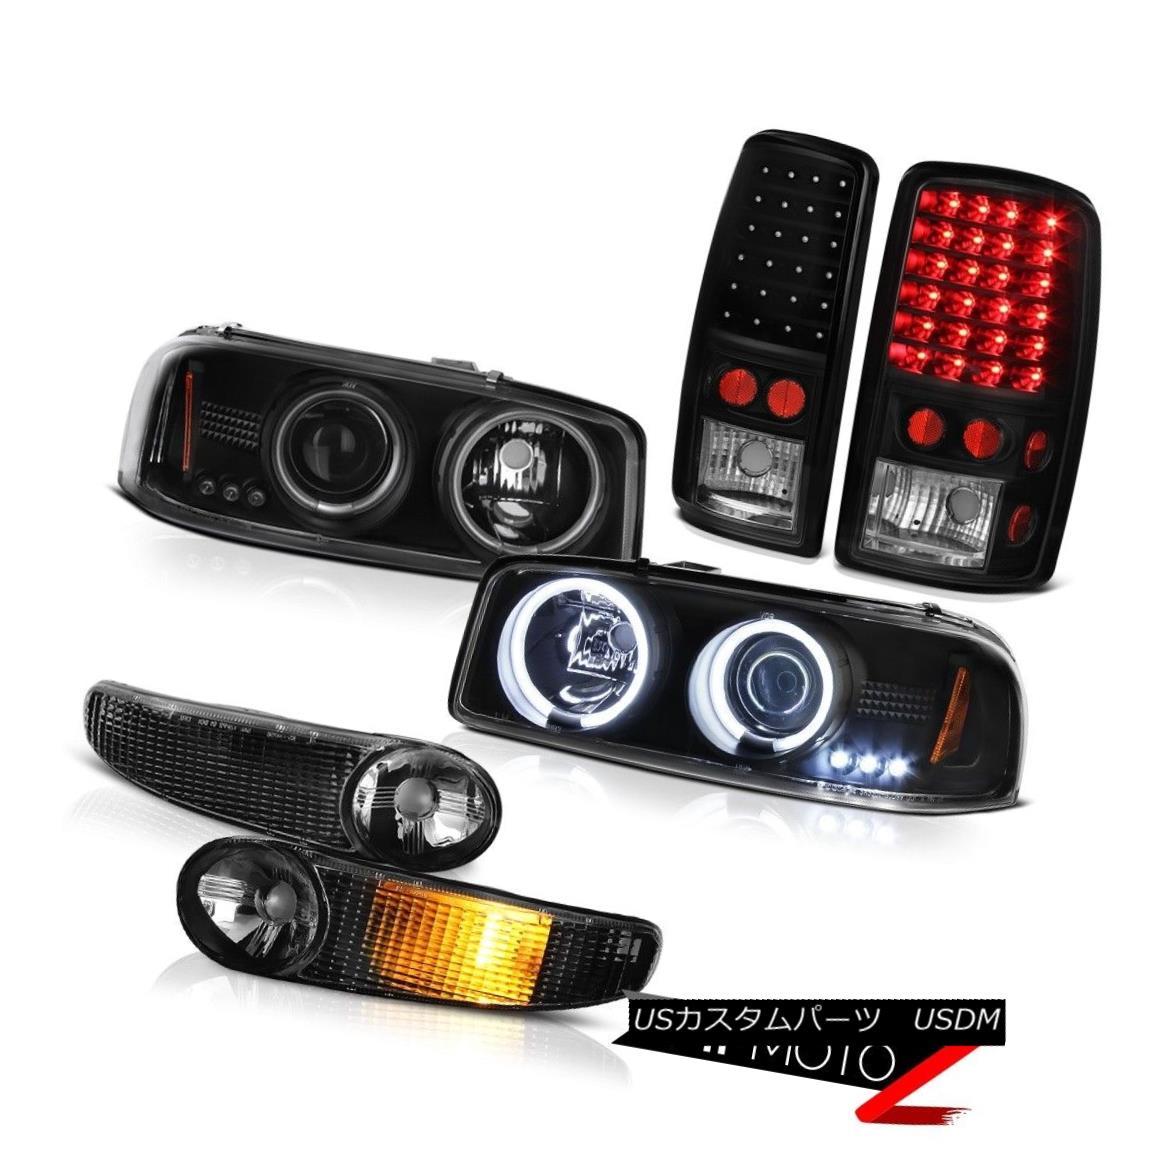 テールライト BRIGHT CCFL Angel Eye Headlight Parking Signal LED Tail Light 00-06 Yukon Denali BRIGHT CCFLエンジェルアイヘッドライトパーキング信号LEDテールライト00-06ユーコンデナリ